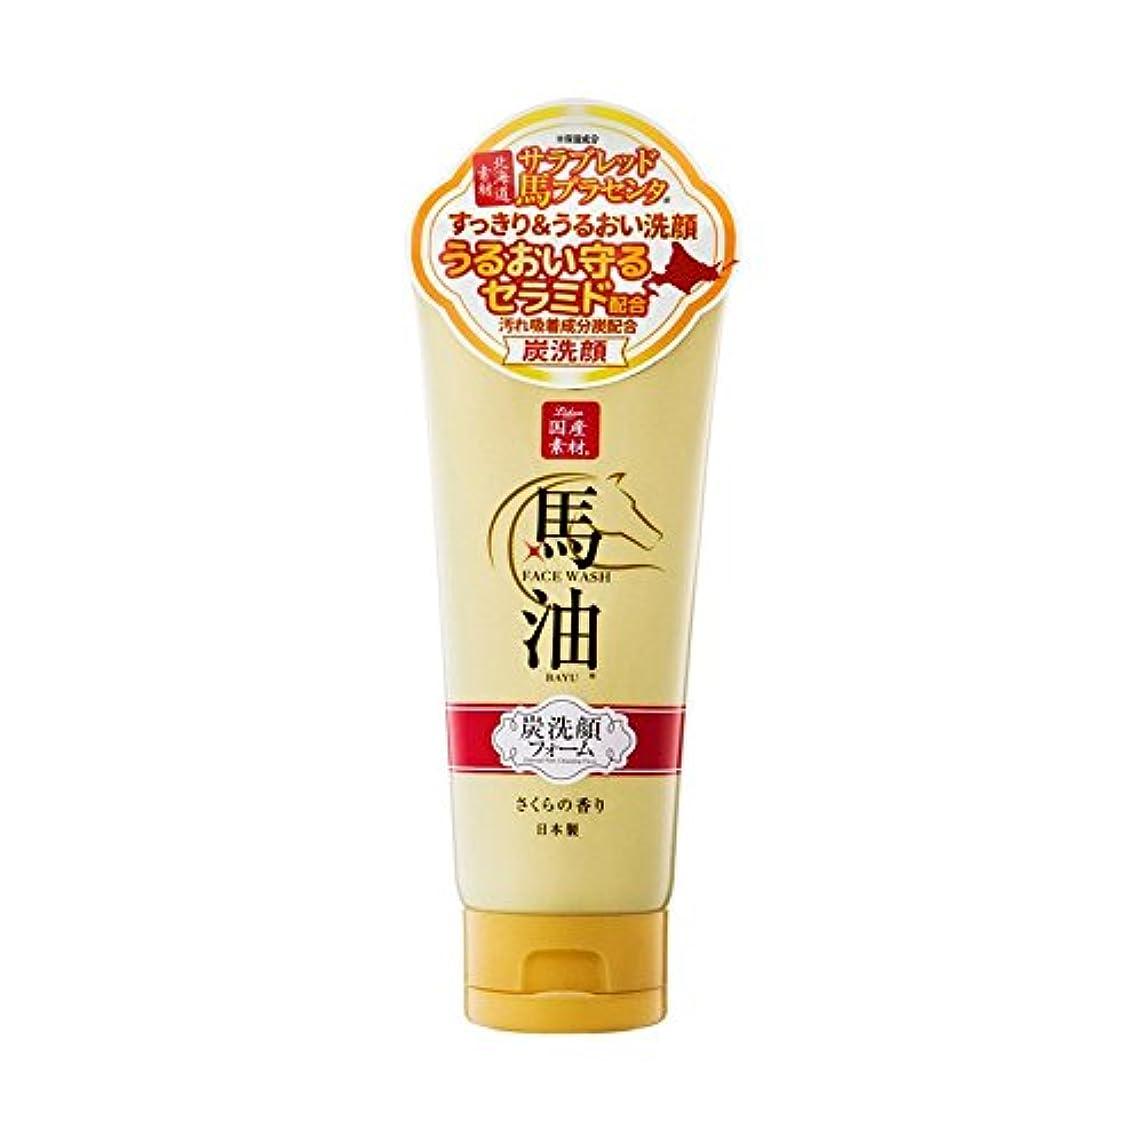 リンケージ殺人不要リシャン 馬油&炭洗顔フォーム(さくらの香り)(内容量130g)